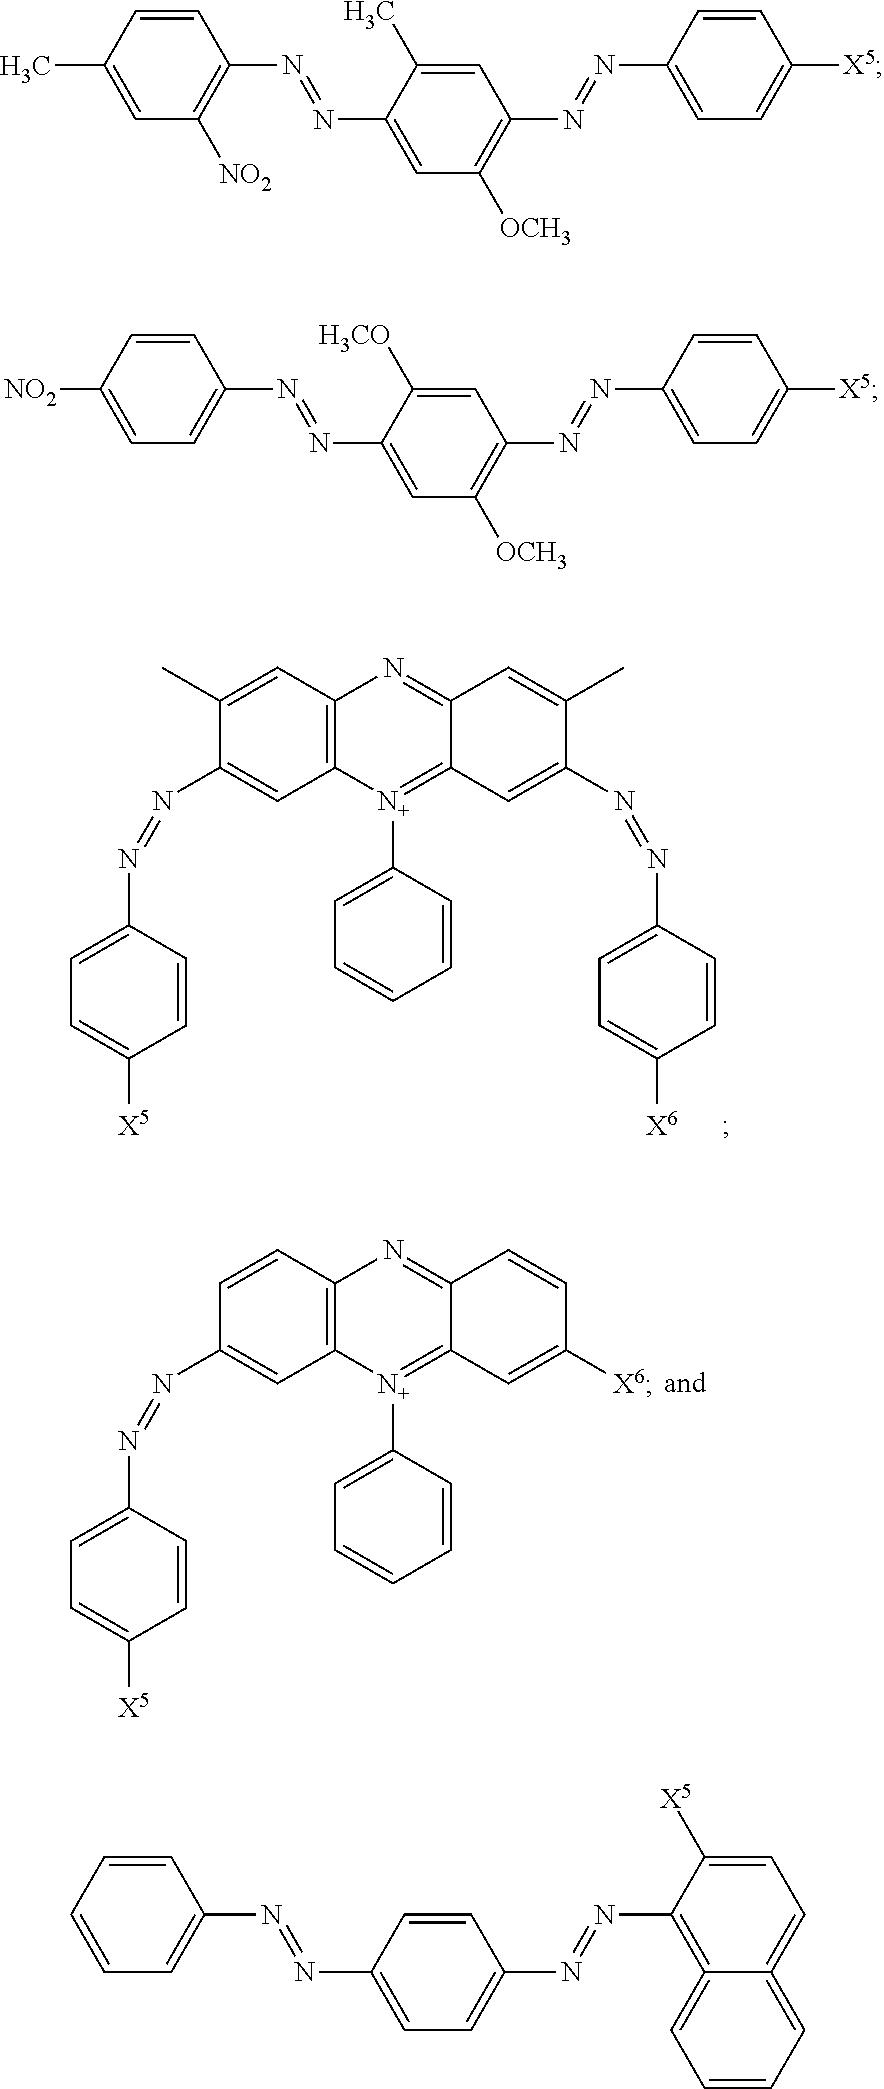 Figure US08410255-20130402-C00005